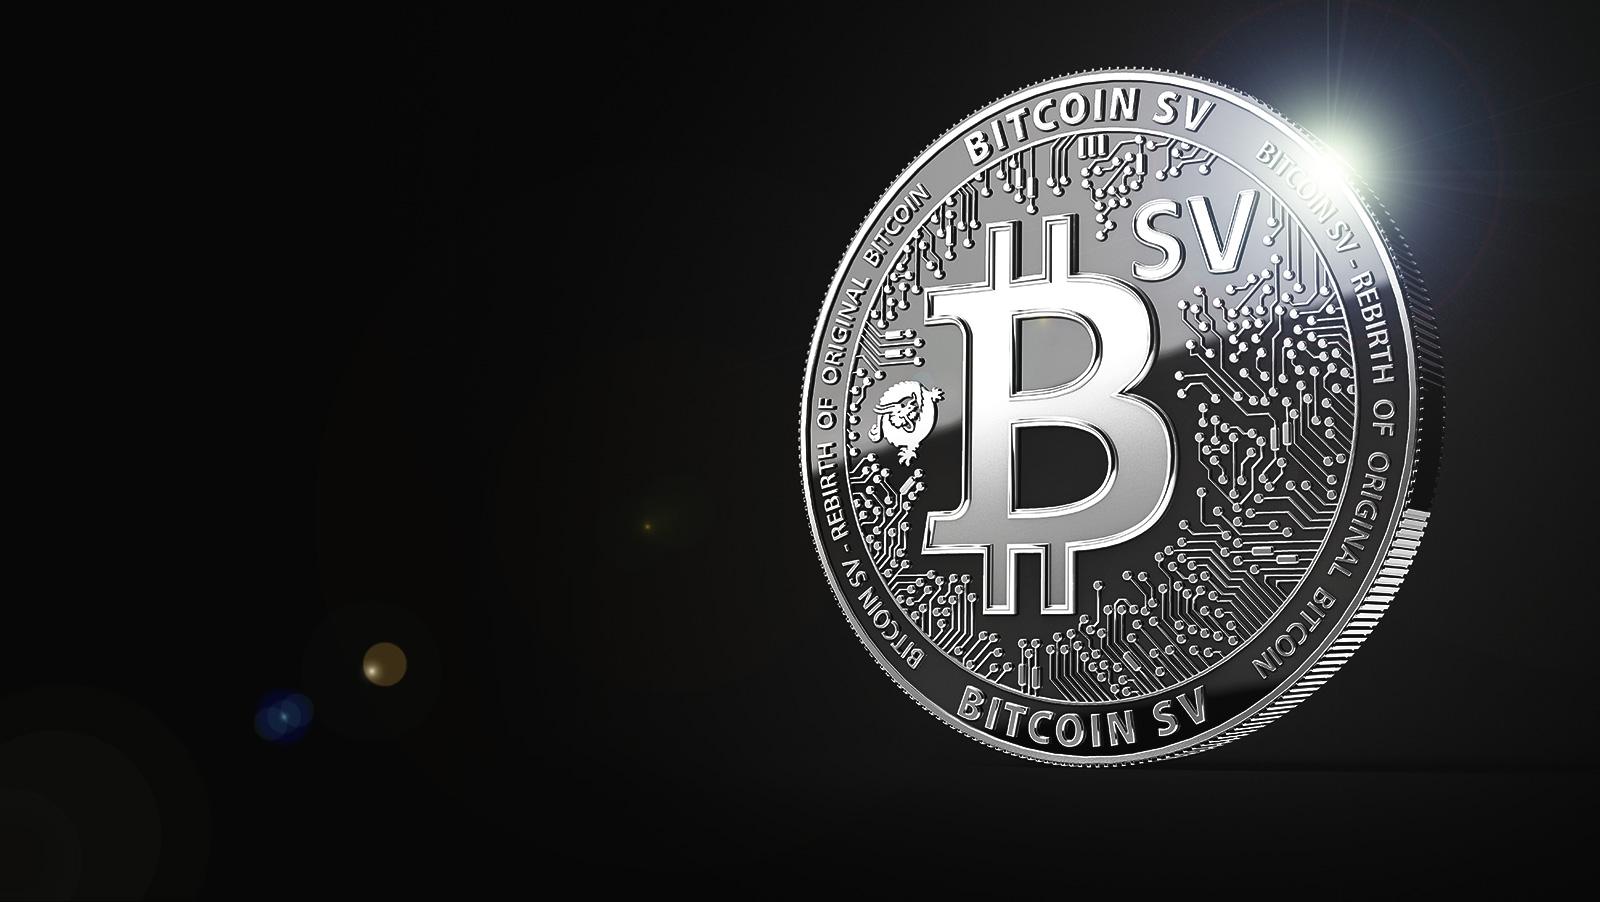 Wales Bitcoin SV BSV Hiçbir Şey Sunmuyor